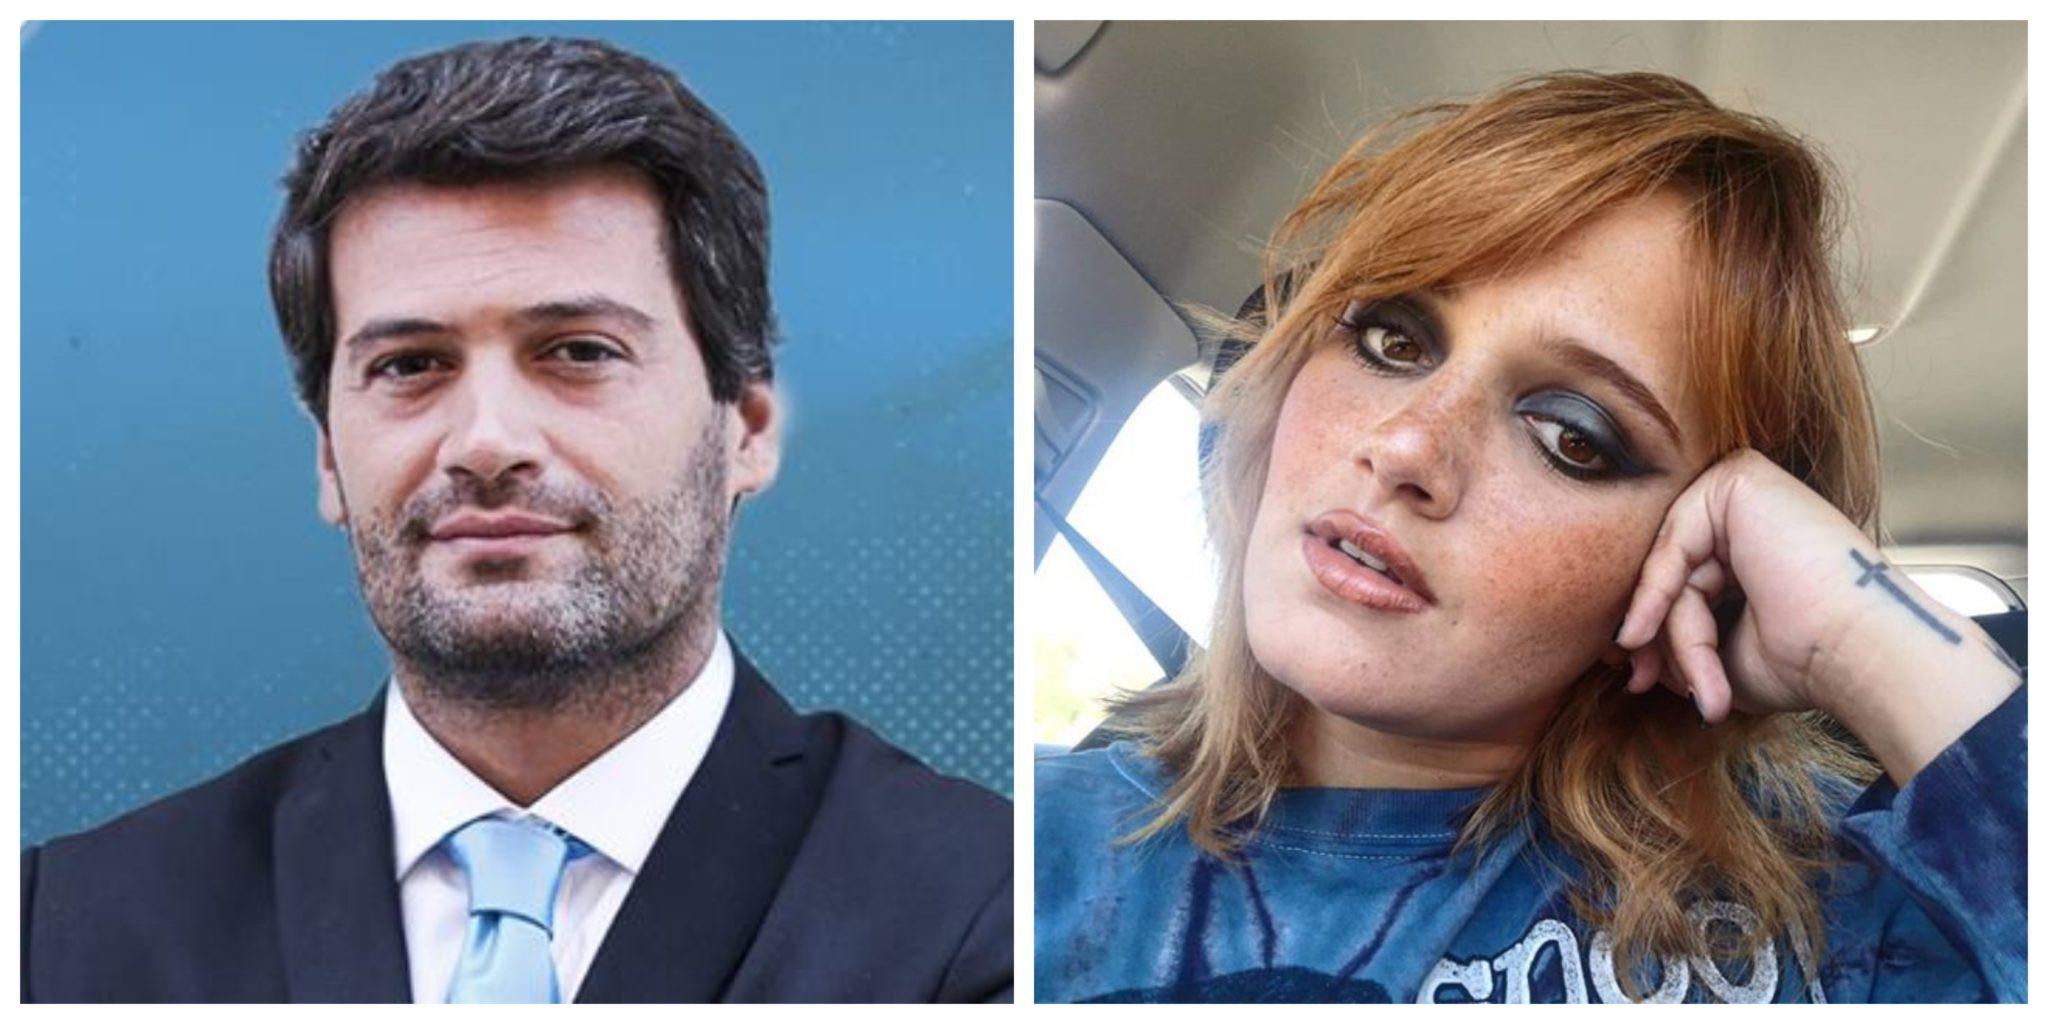 André Ventura E Carolina Deslandes Carolina Deslandes Crítica André Ventura: &Quot;Isto É Tudo Ilusório, É Tudo M****, É Mentira&Quot;